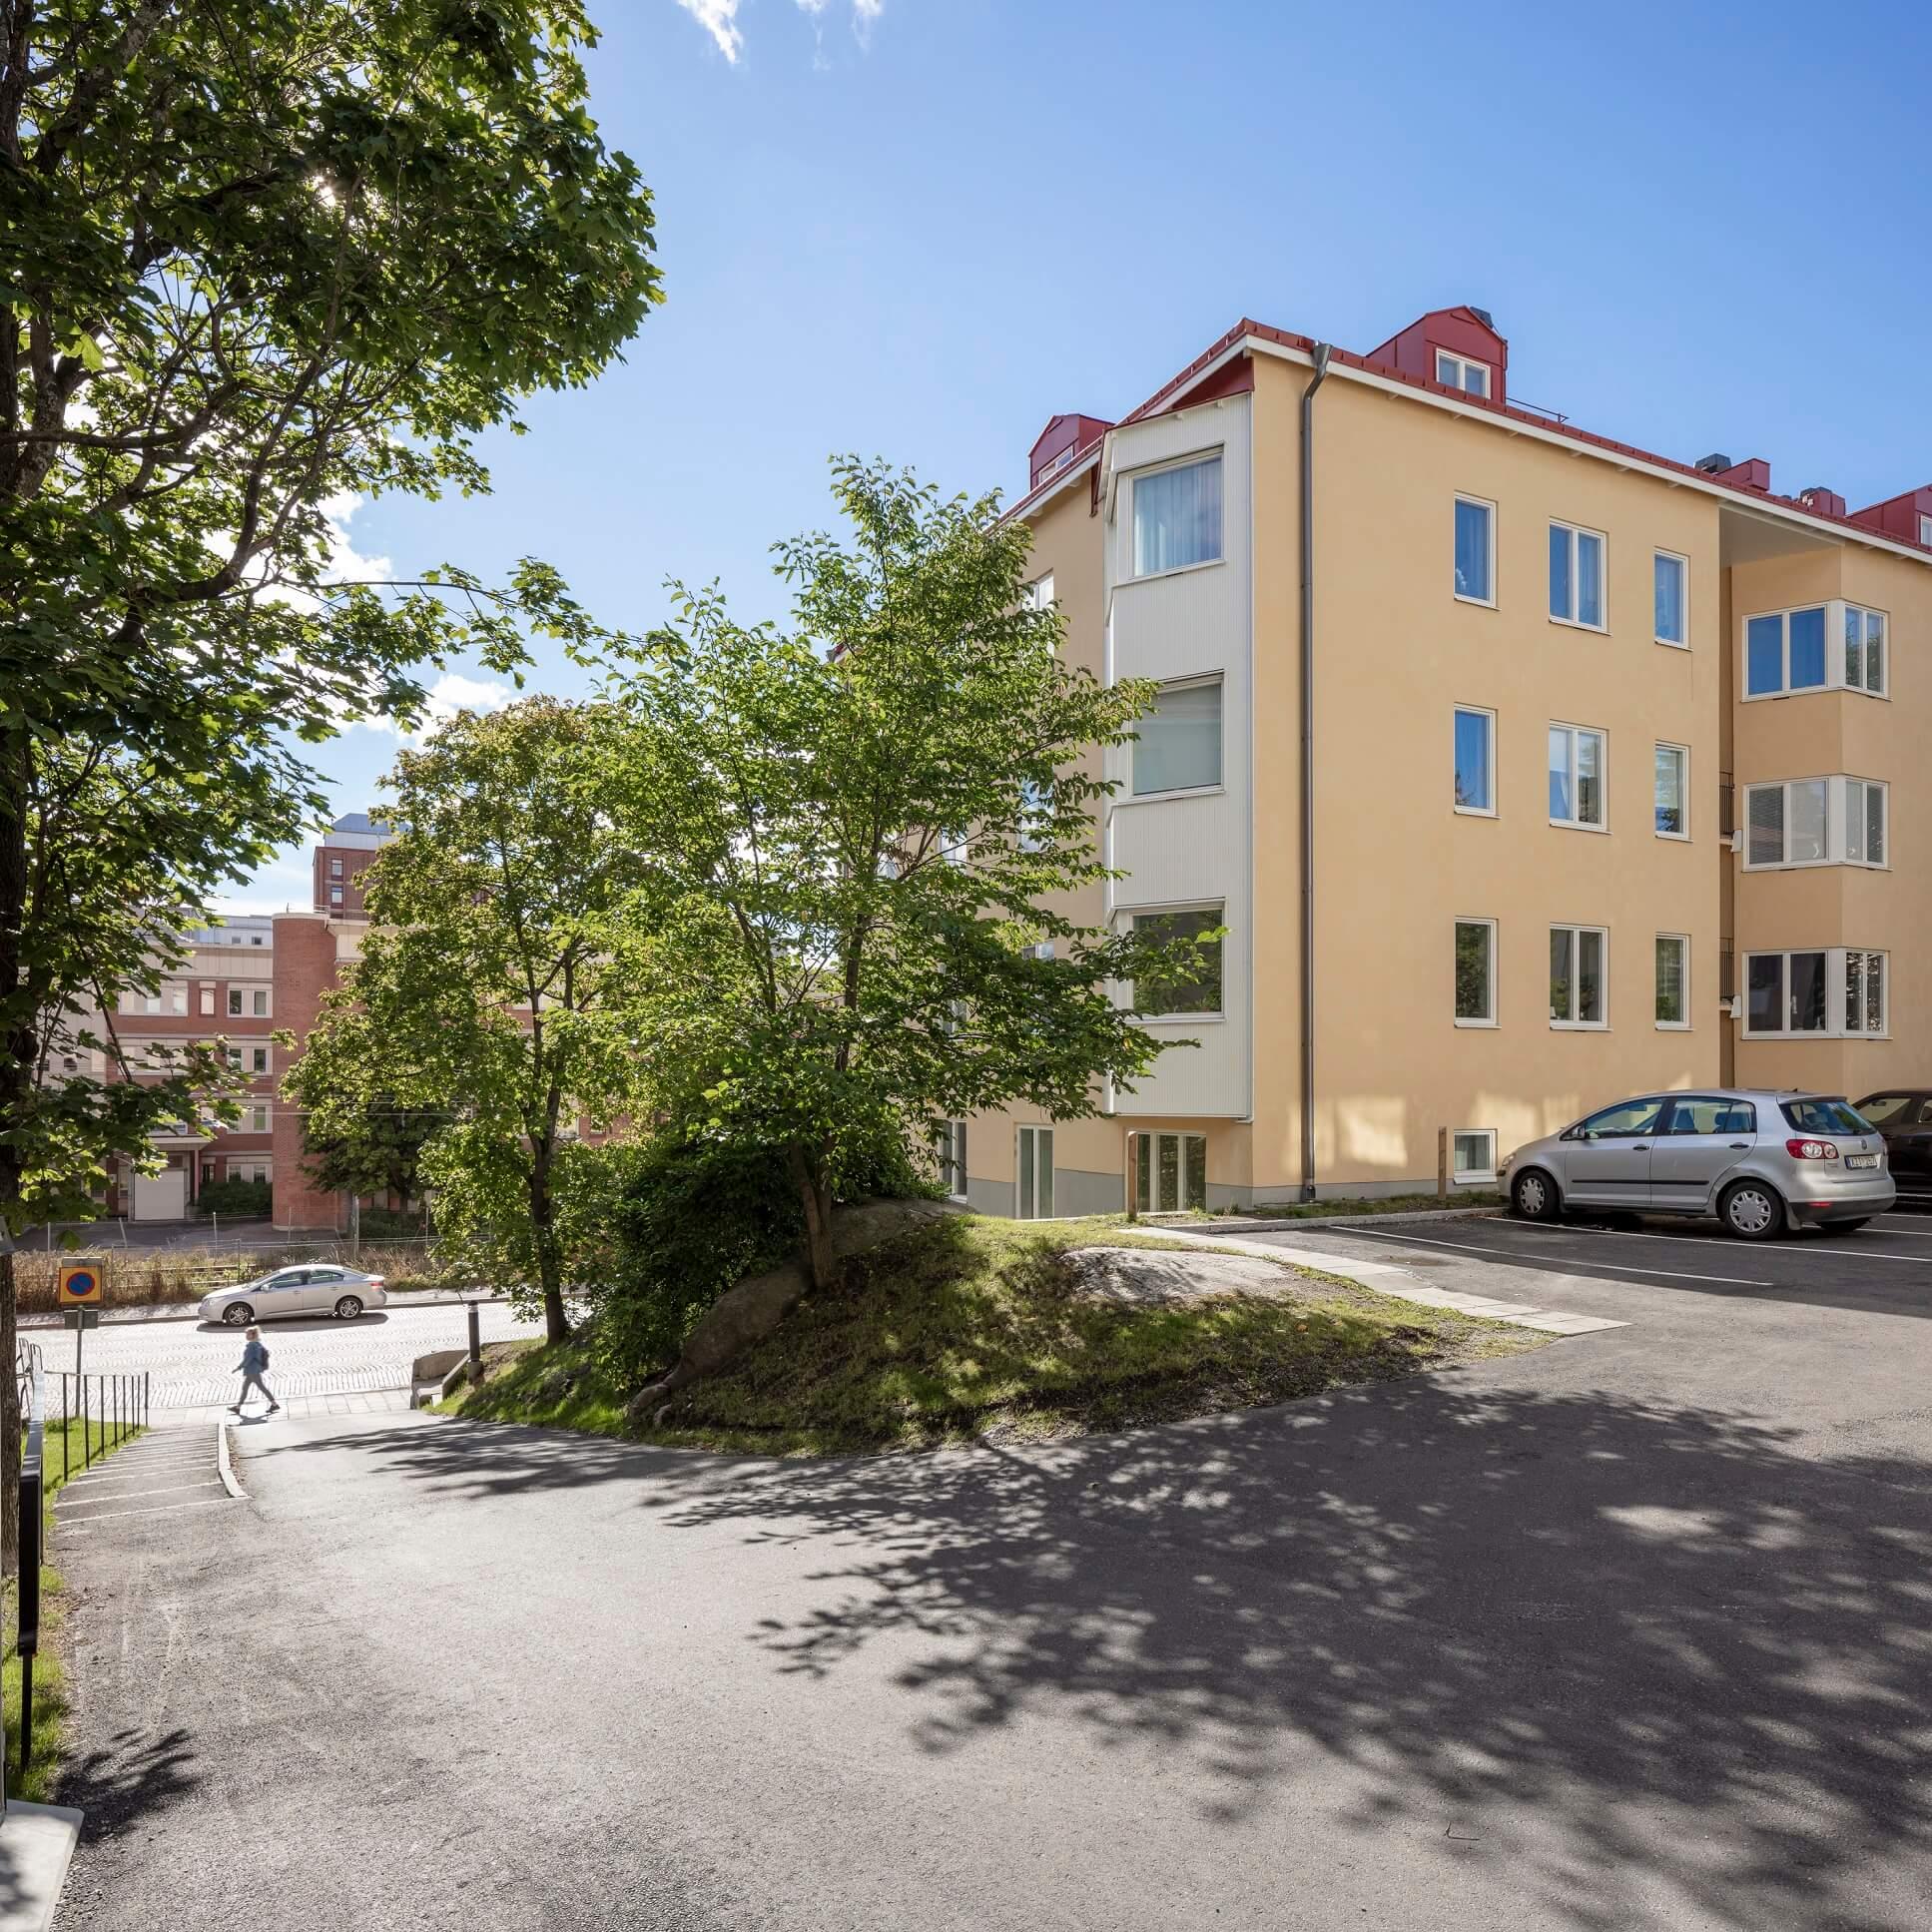 Renovering & tillbyggnad av bostadshus i Sundyberg från 1940-talet